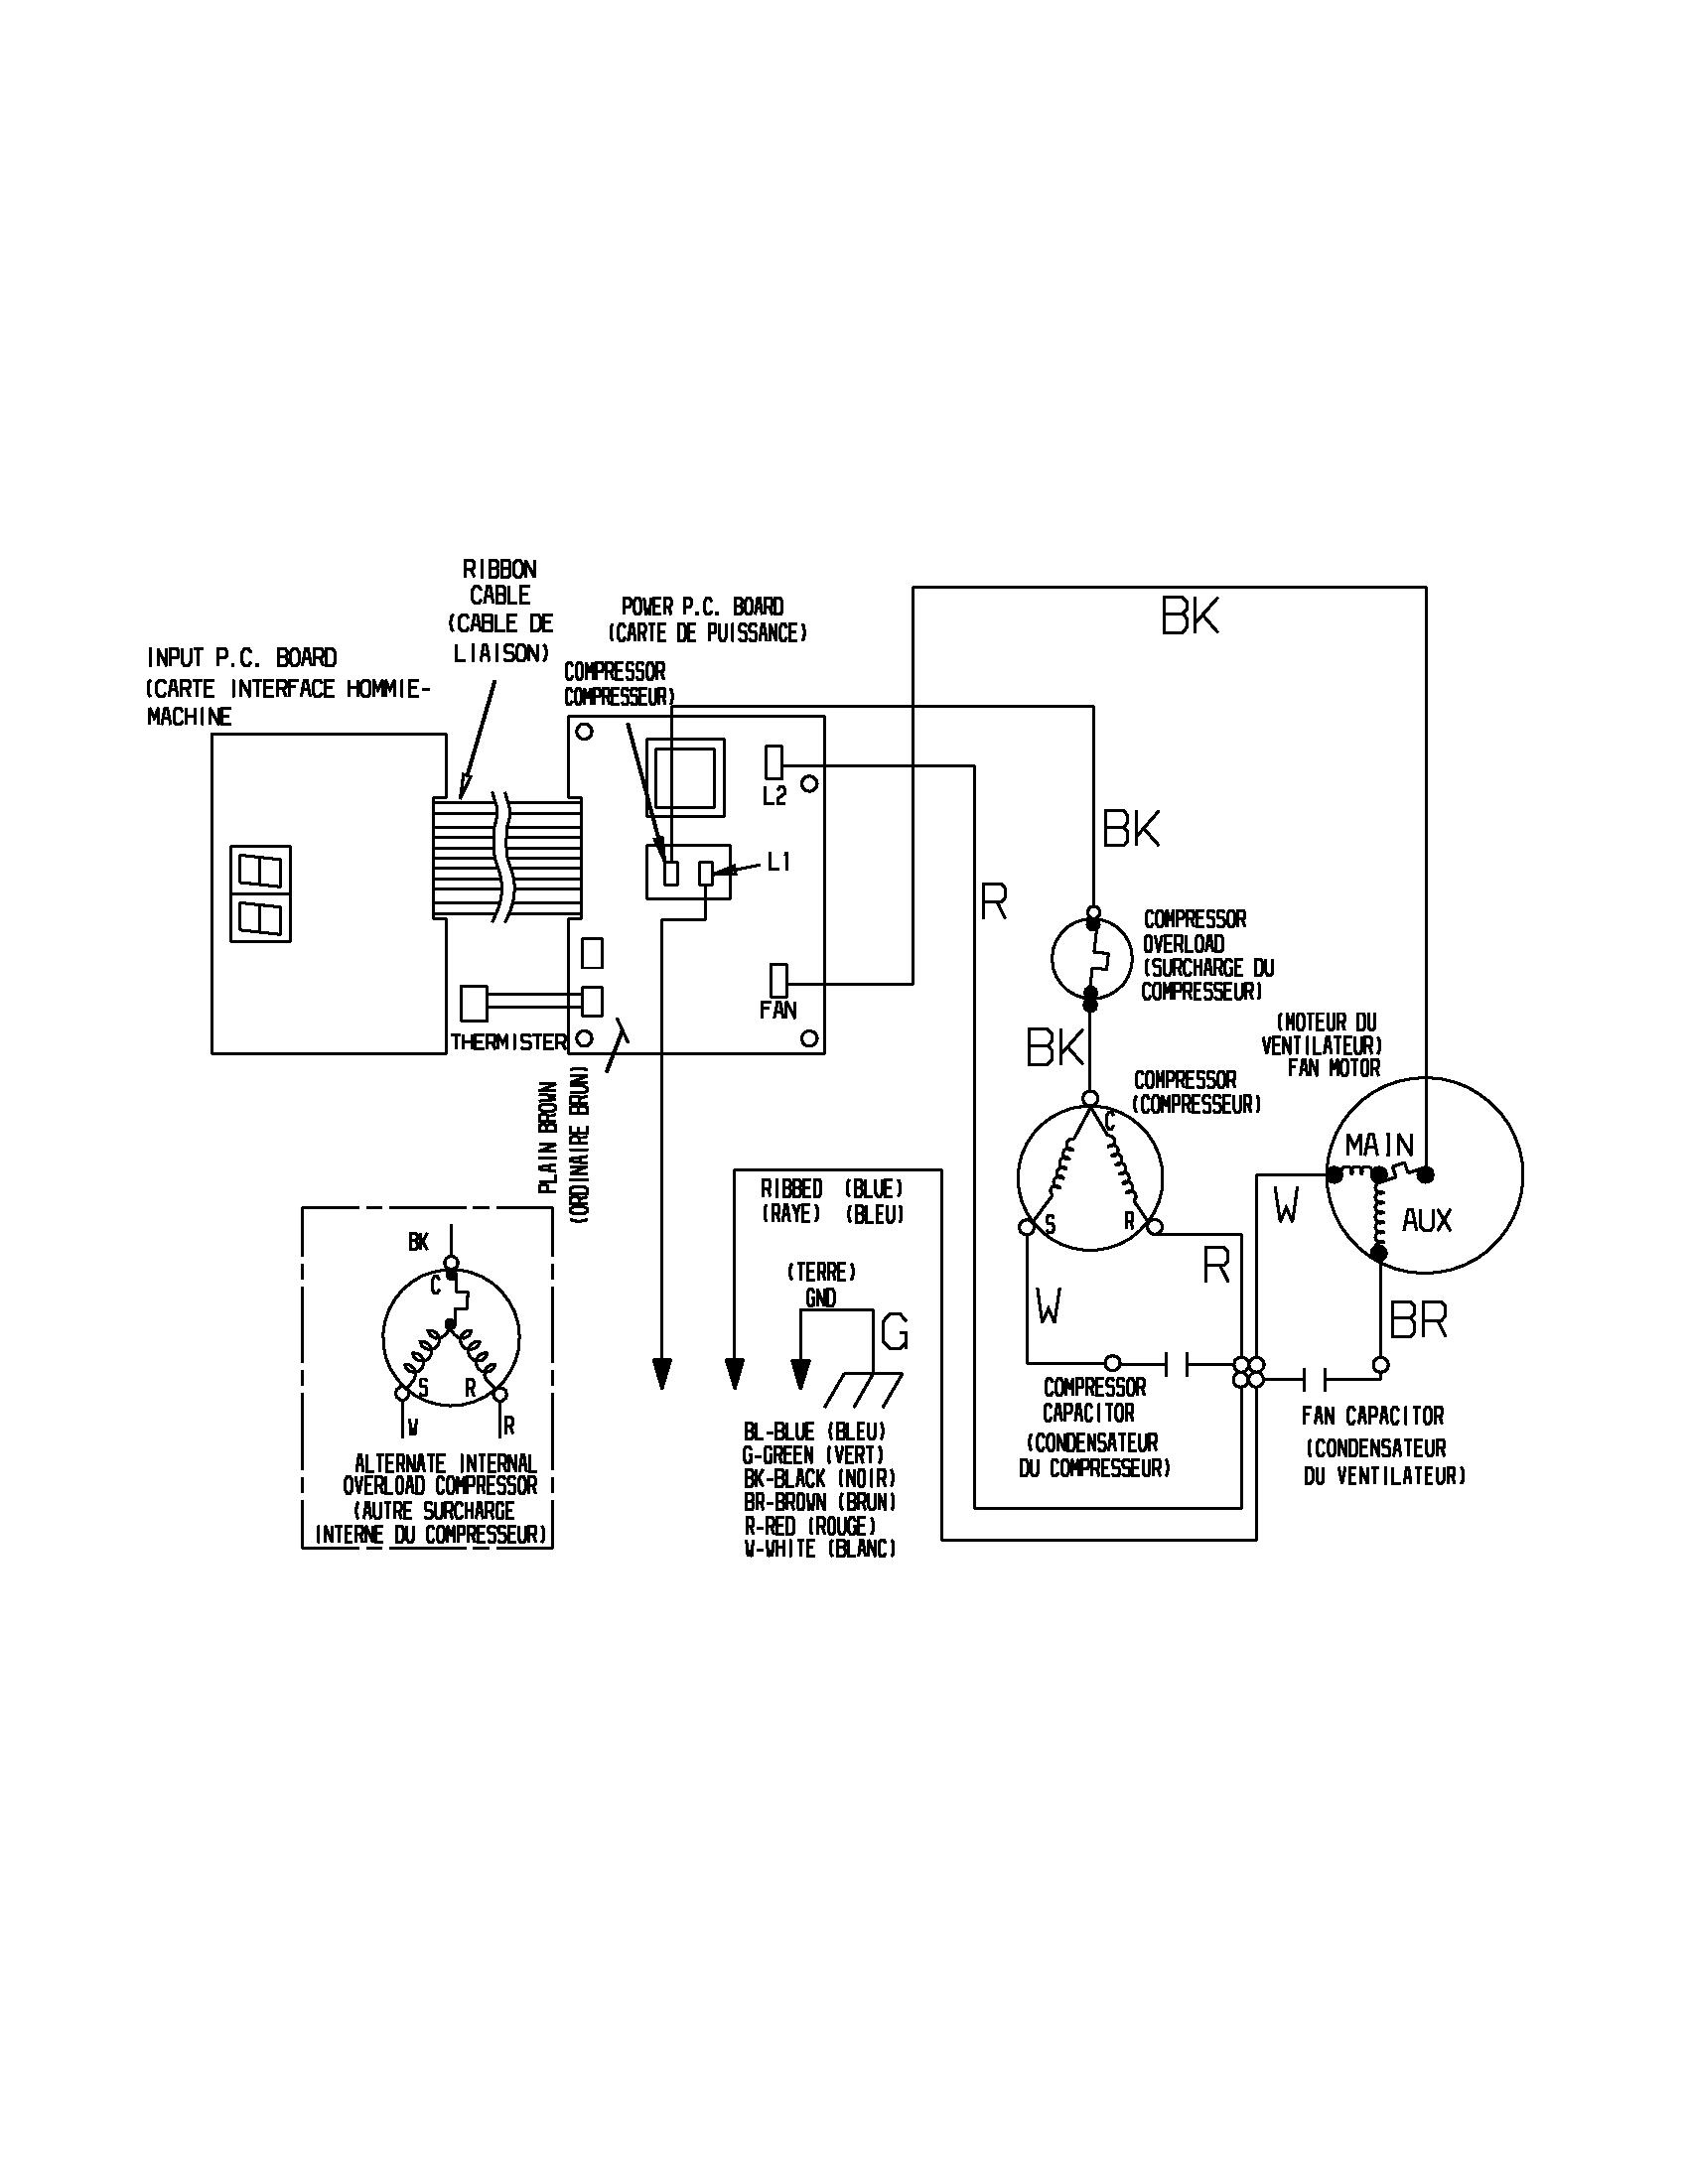 Ge Window Unit Wiring Schematic - 07 Jeep Fuse Box -  2006cruisers.sampwire.jeanjaures37.fr | Ge Window Unit Wiring Schematic |  | Wiring Diagram Resource